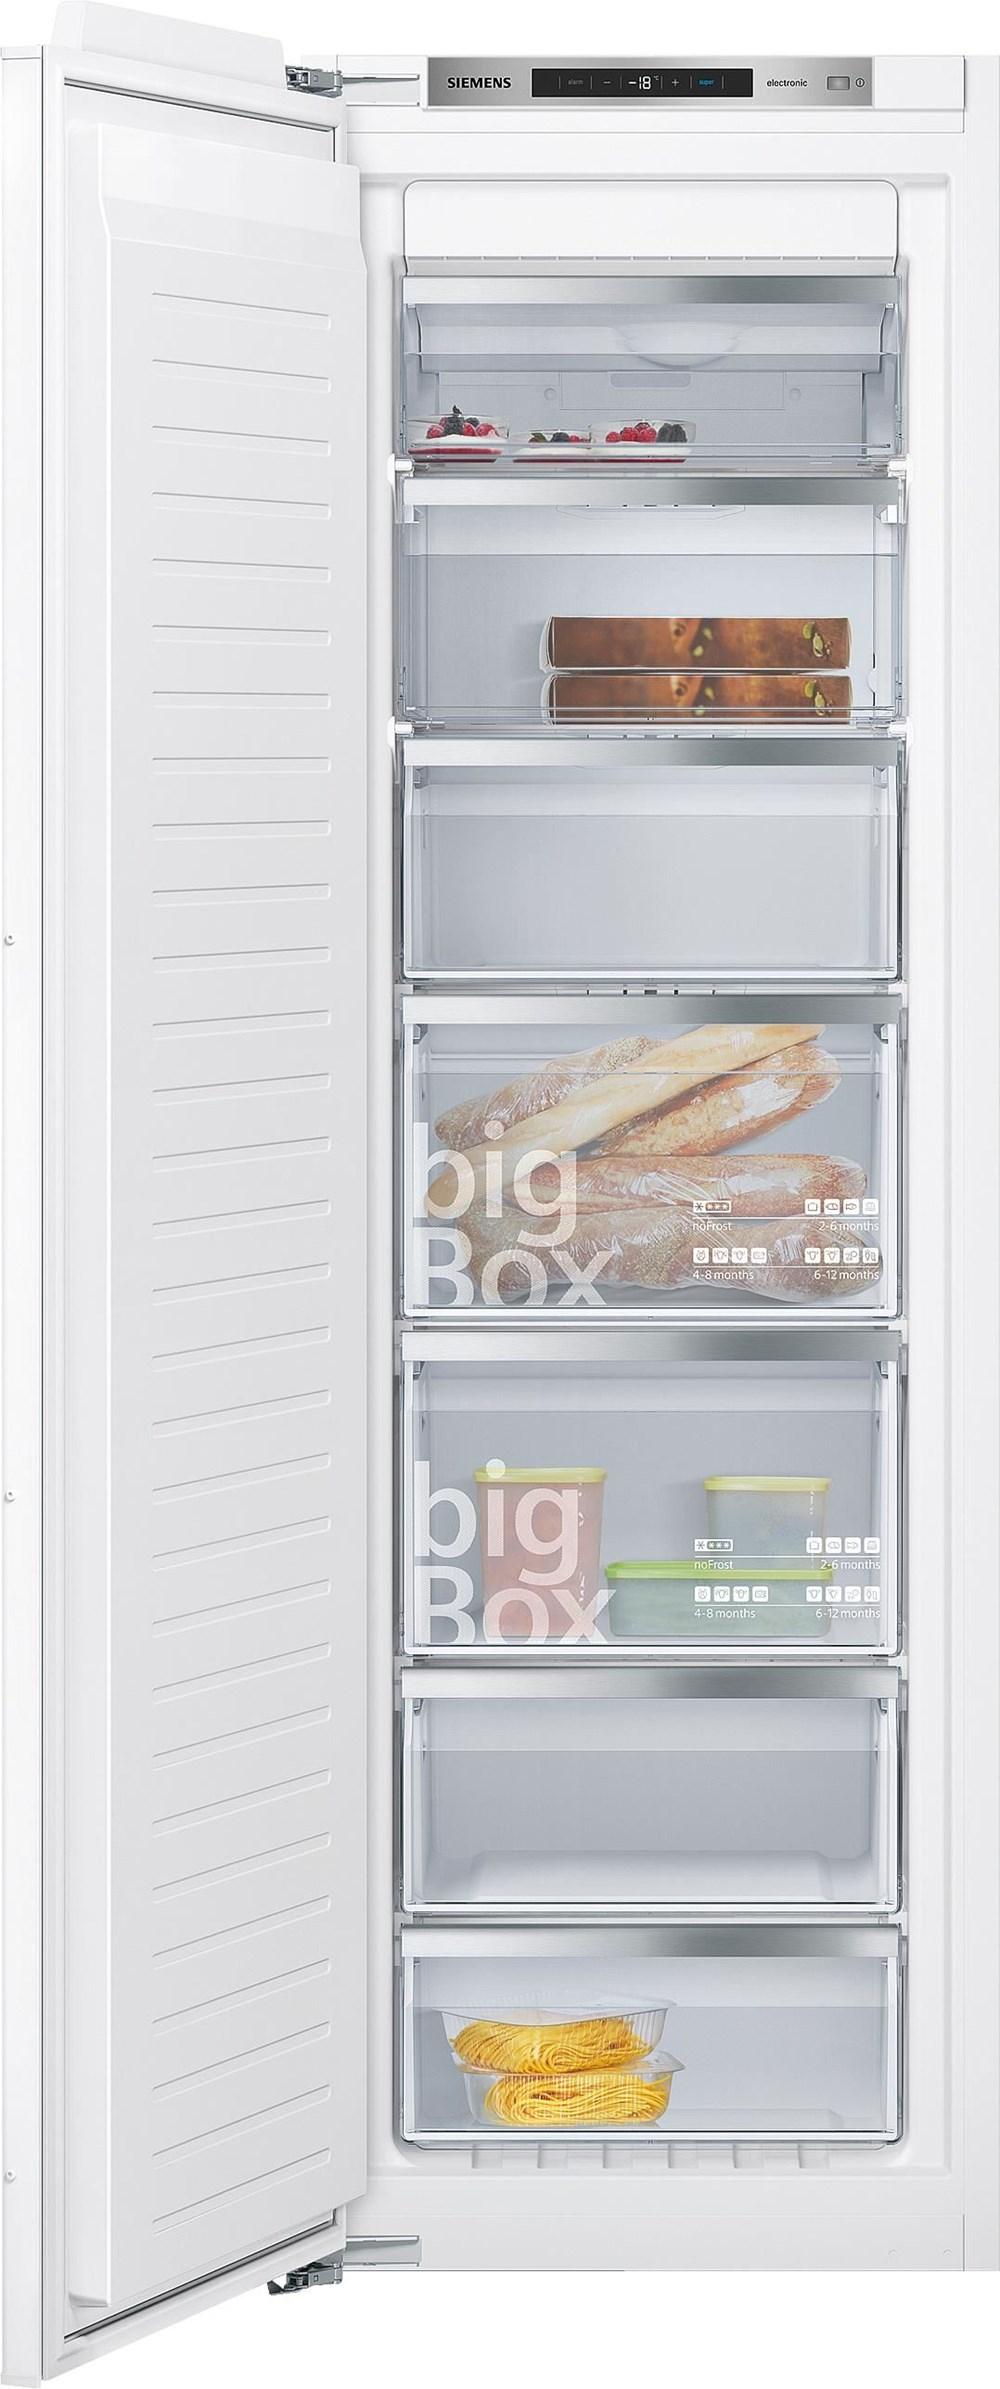 Siemens GI81NAC30 Einbau-Gefrierschrank - Built-In Freezers ...